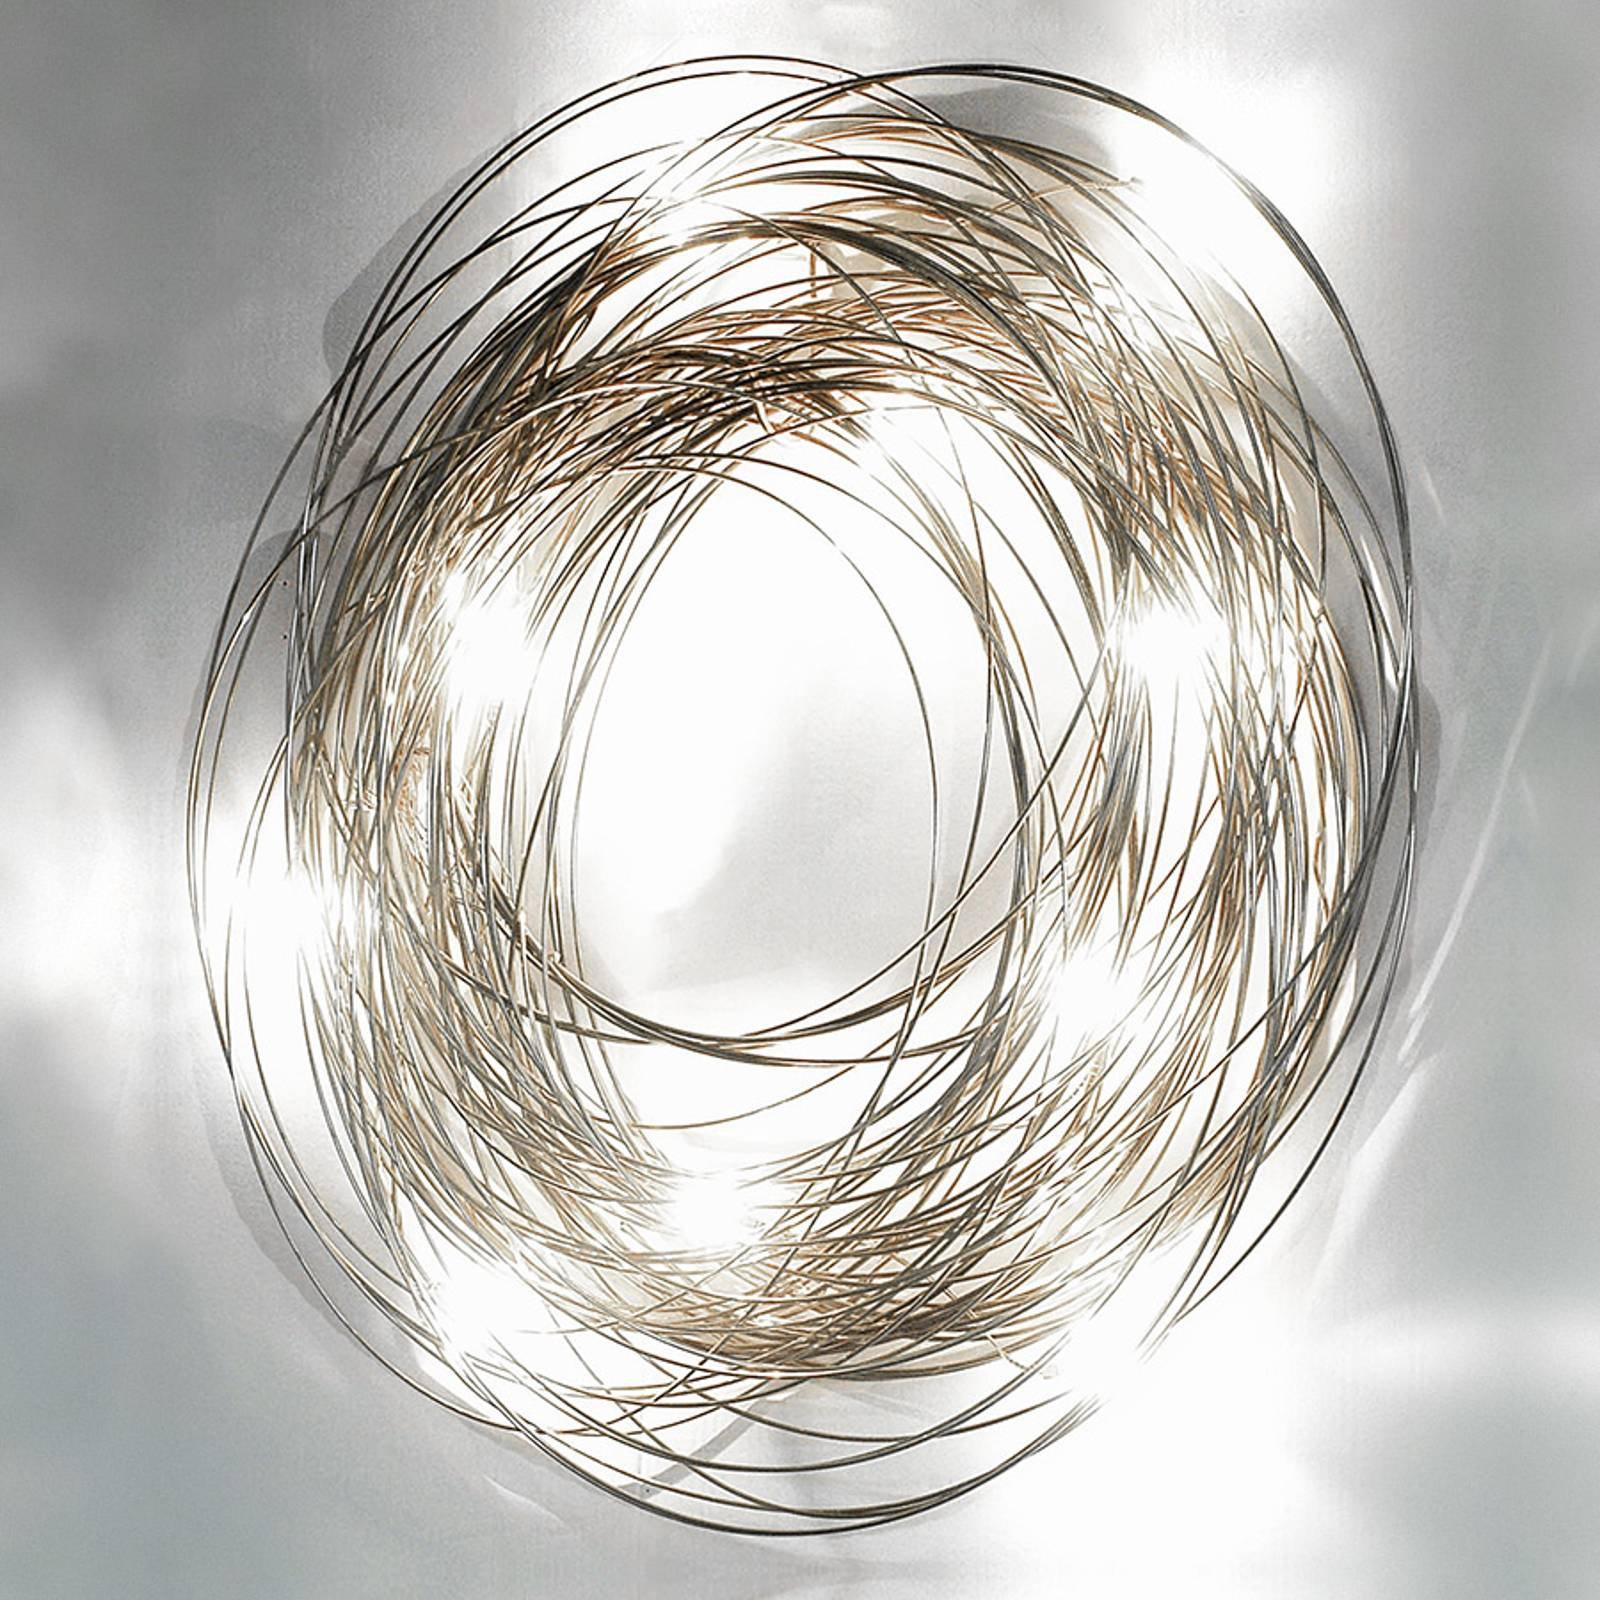 Ekstravagant vegglampe Confusione, 75 cm